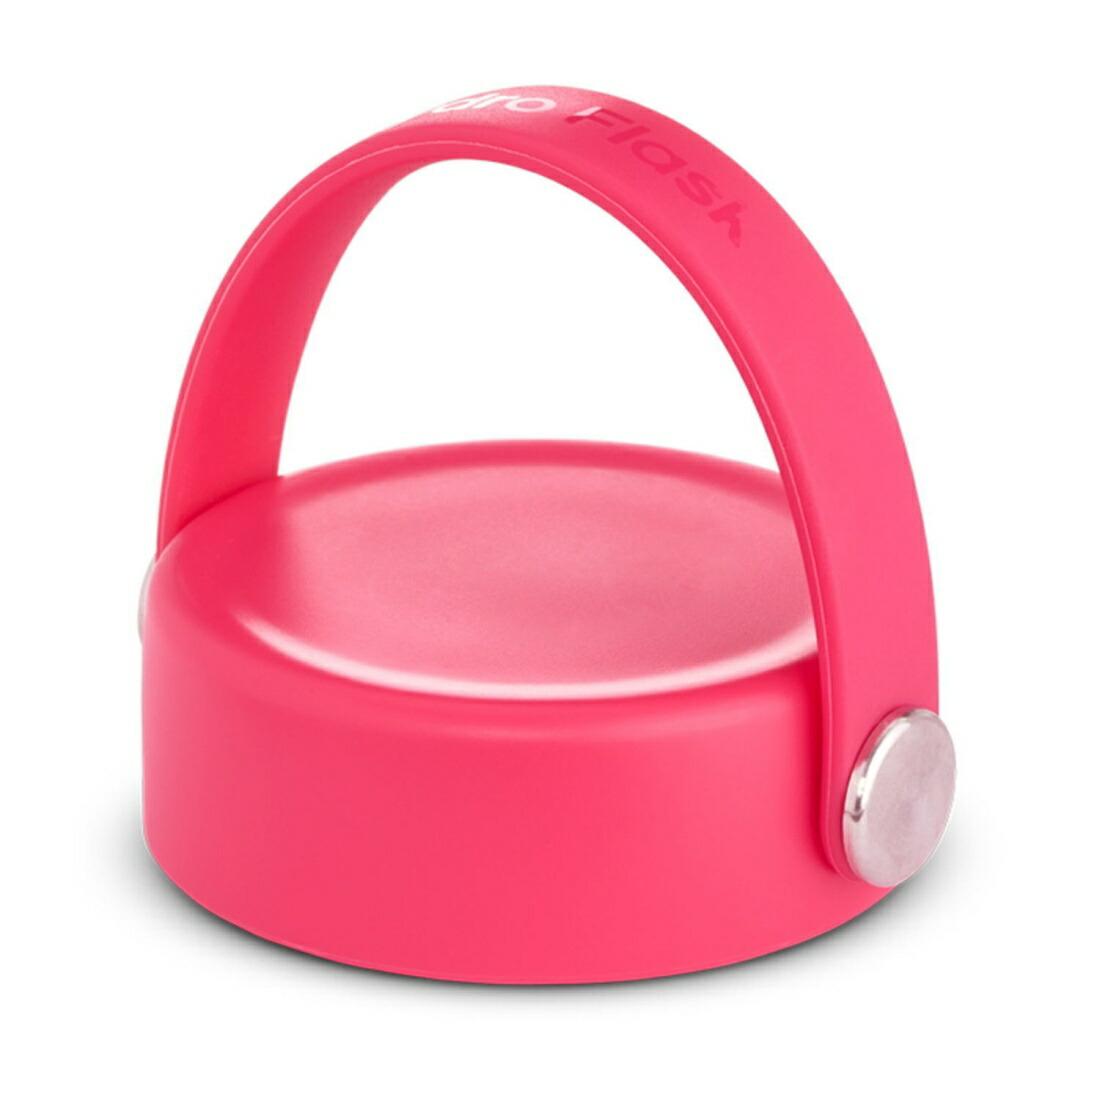 ハイドロフラスク フレックスキャップ ワイド 保温 保冷 ボトル 水筒  国内正規品